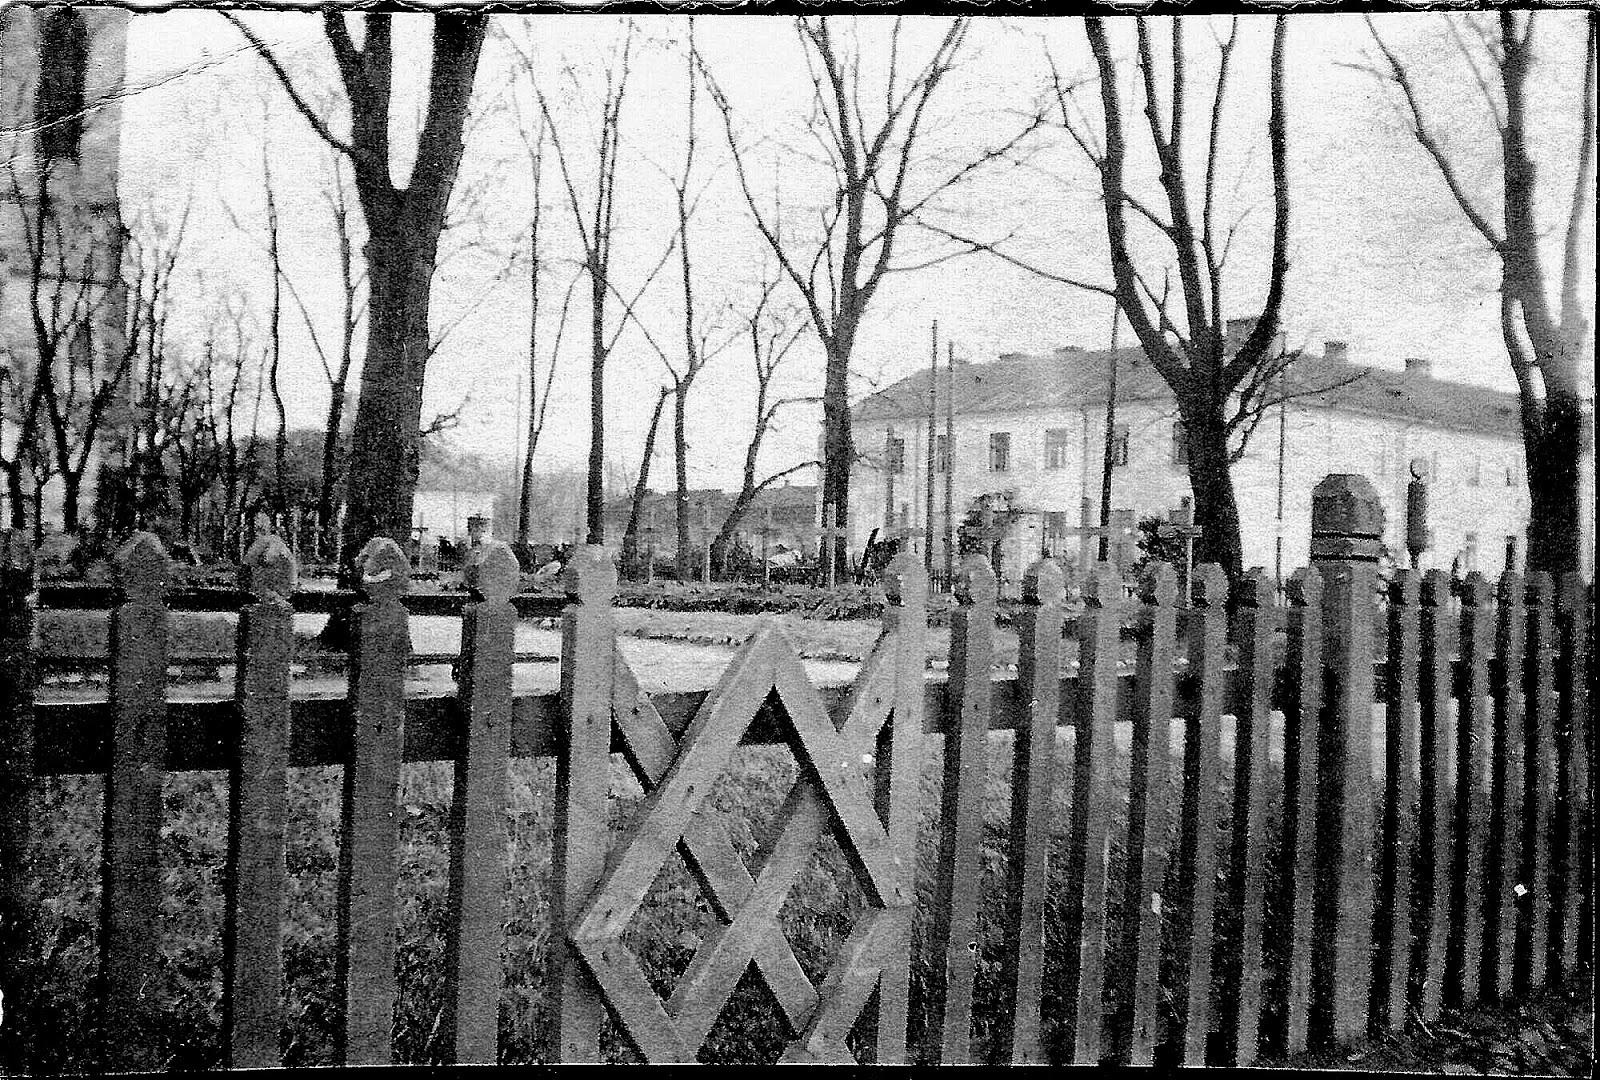 Ehrenfriedhof Konskie – zdjęcie wykonane w latach 1940-1942. Skan fotografii udostępnił Ryszard Cichoński.